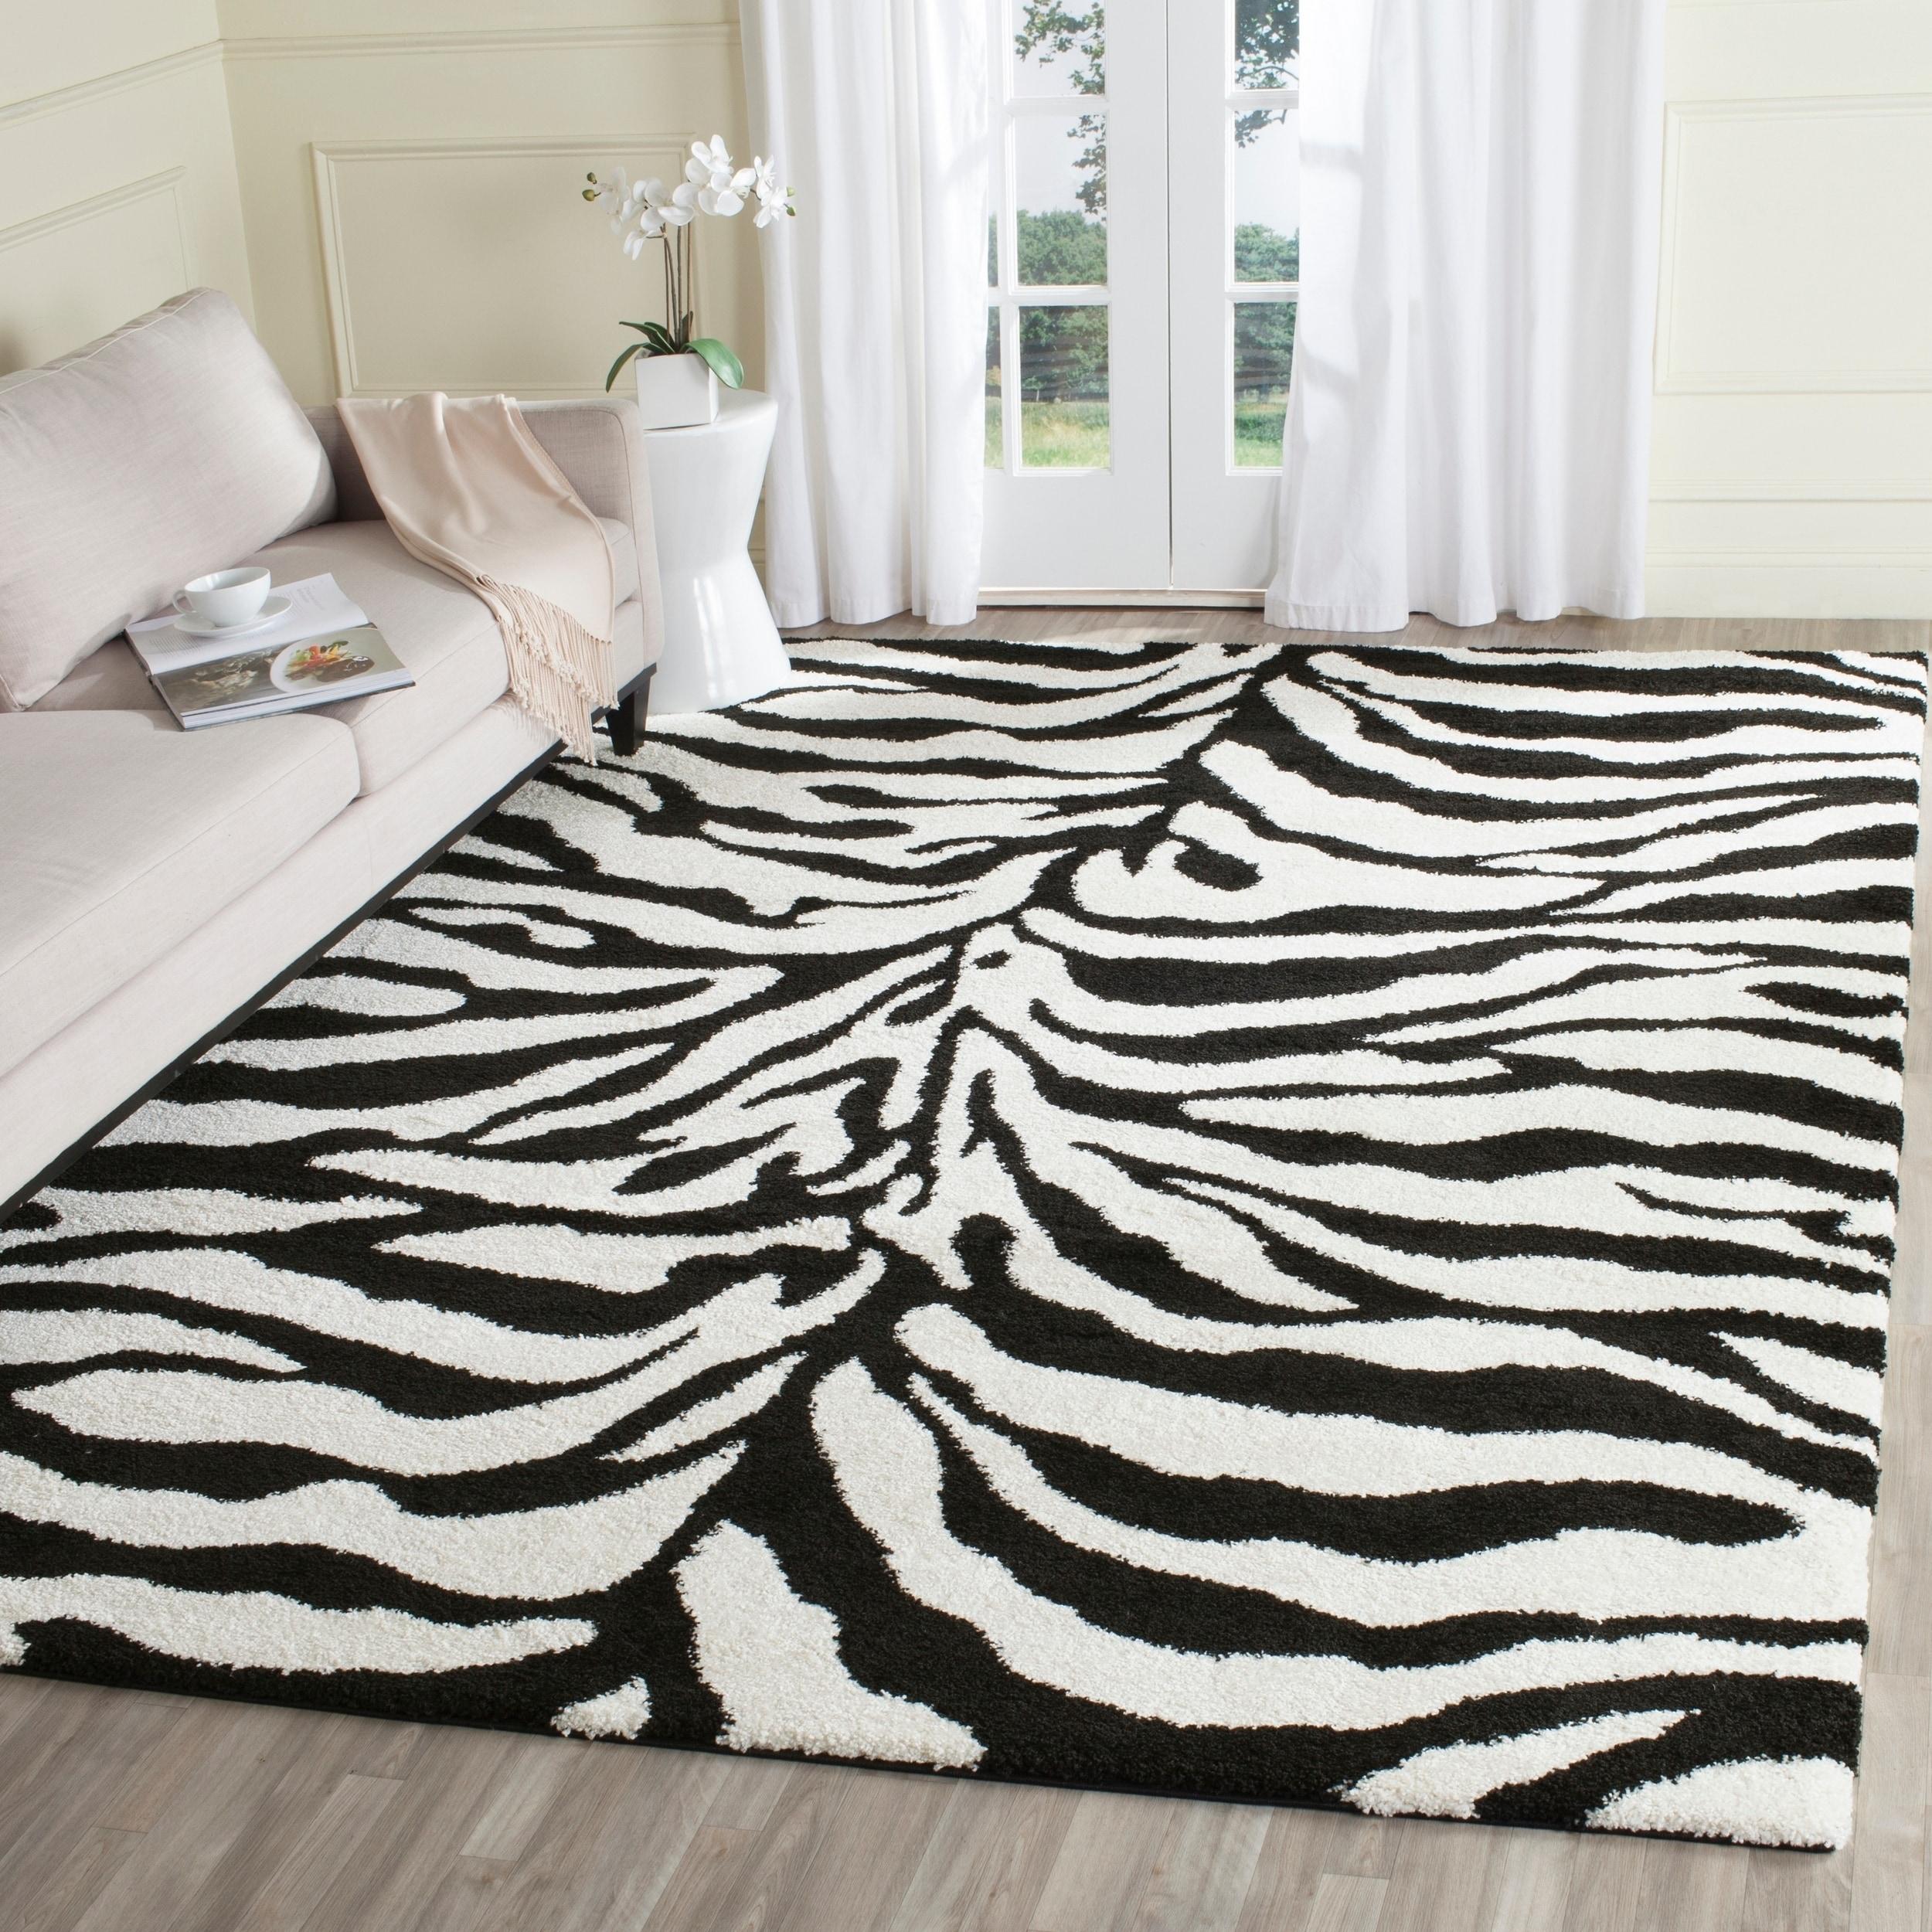 Safavieh Zebra Shag Off-White (Beige)/ Black Rug (8'6 x 1...